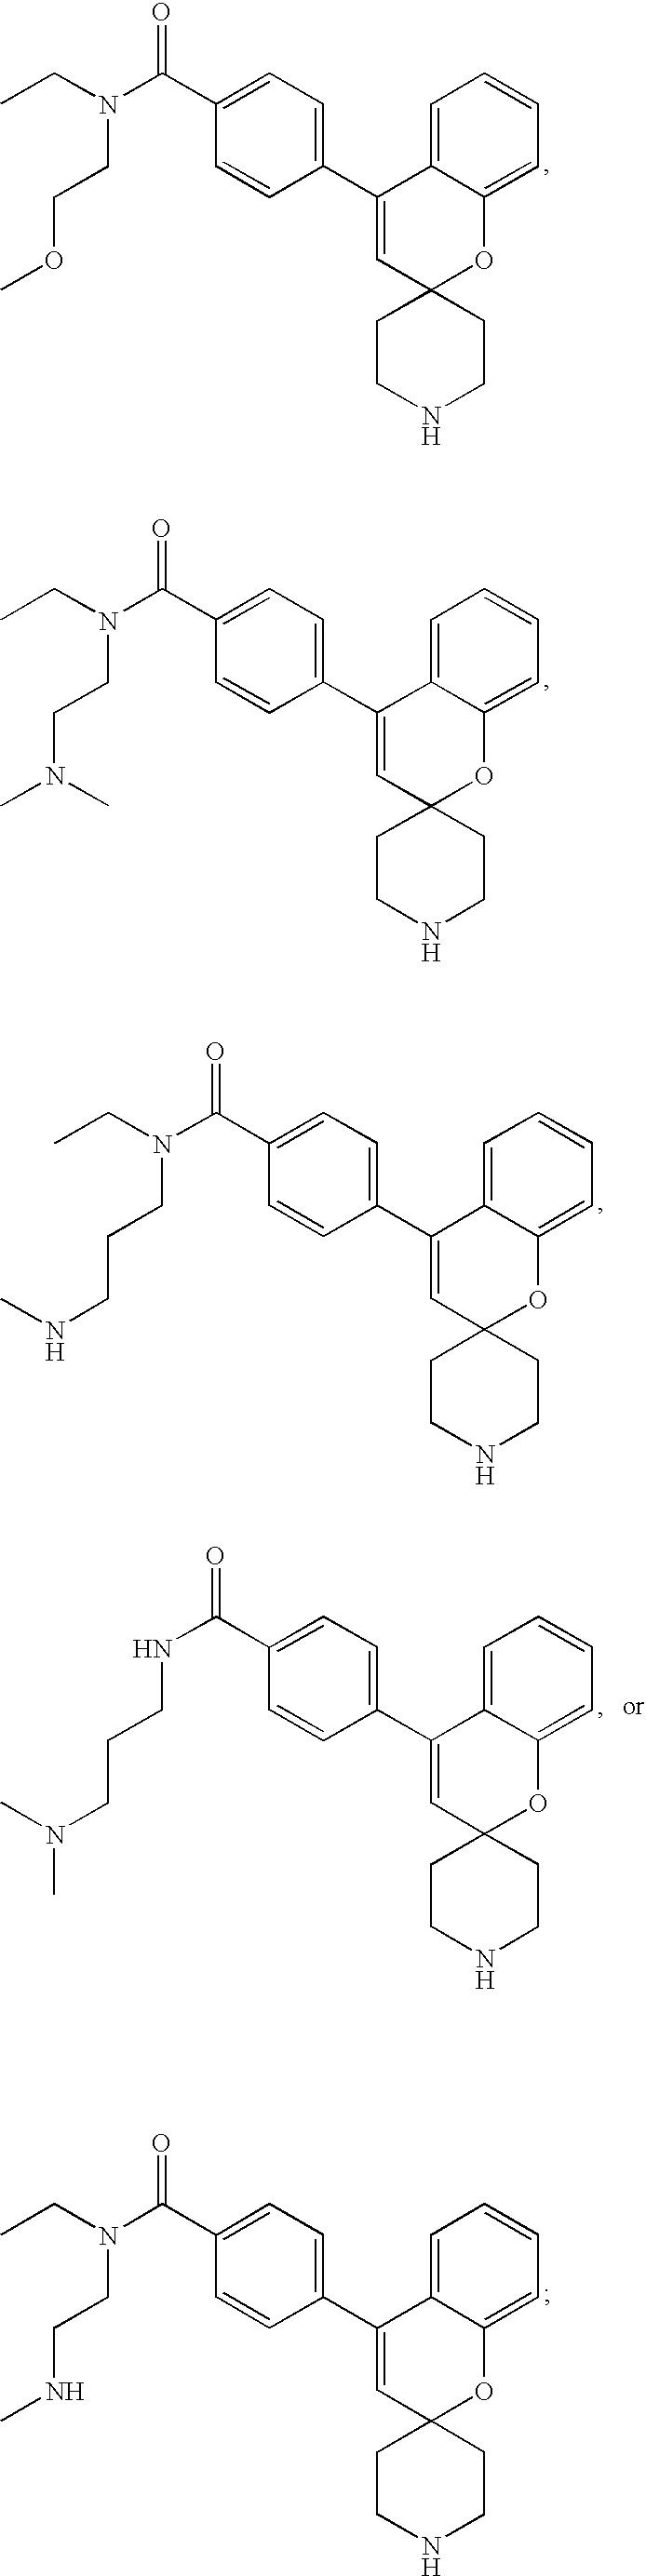 Figure US07598261-20091006-C00087